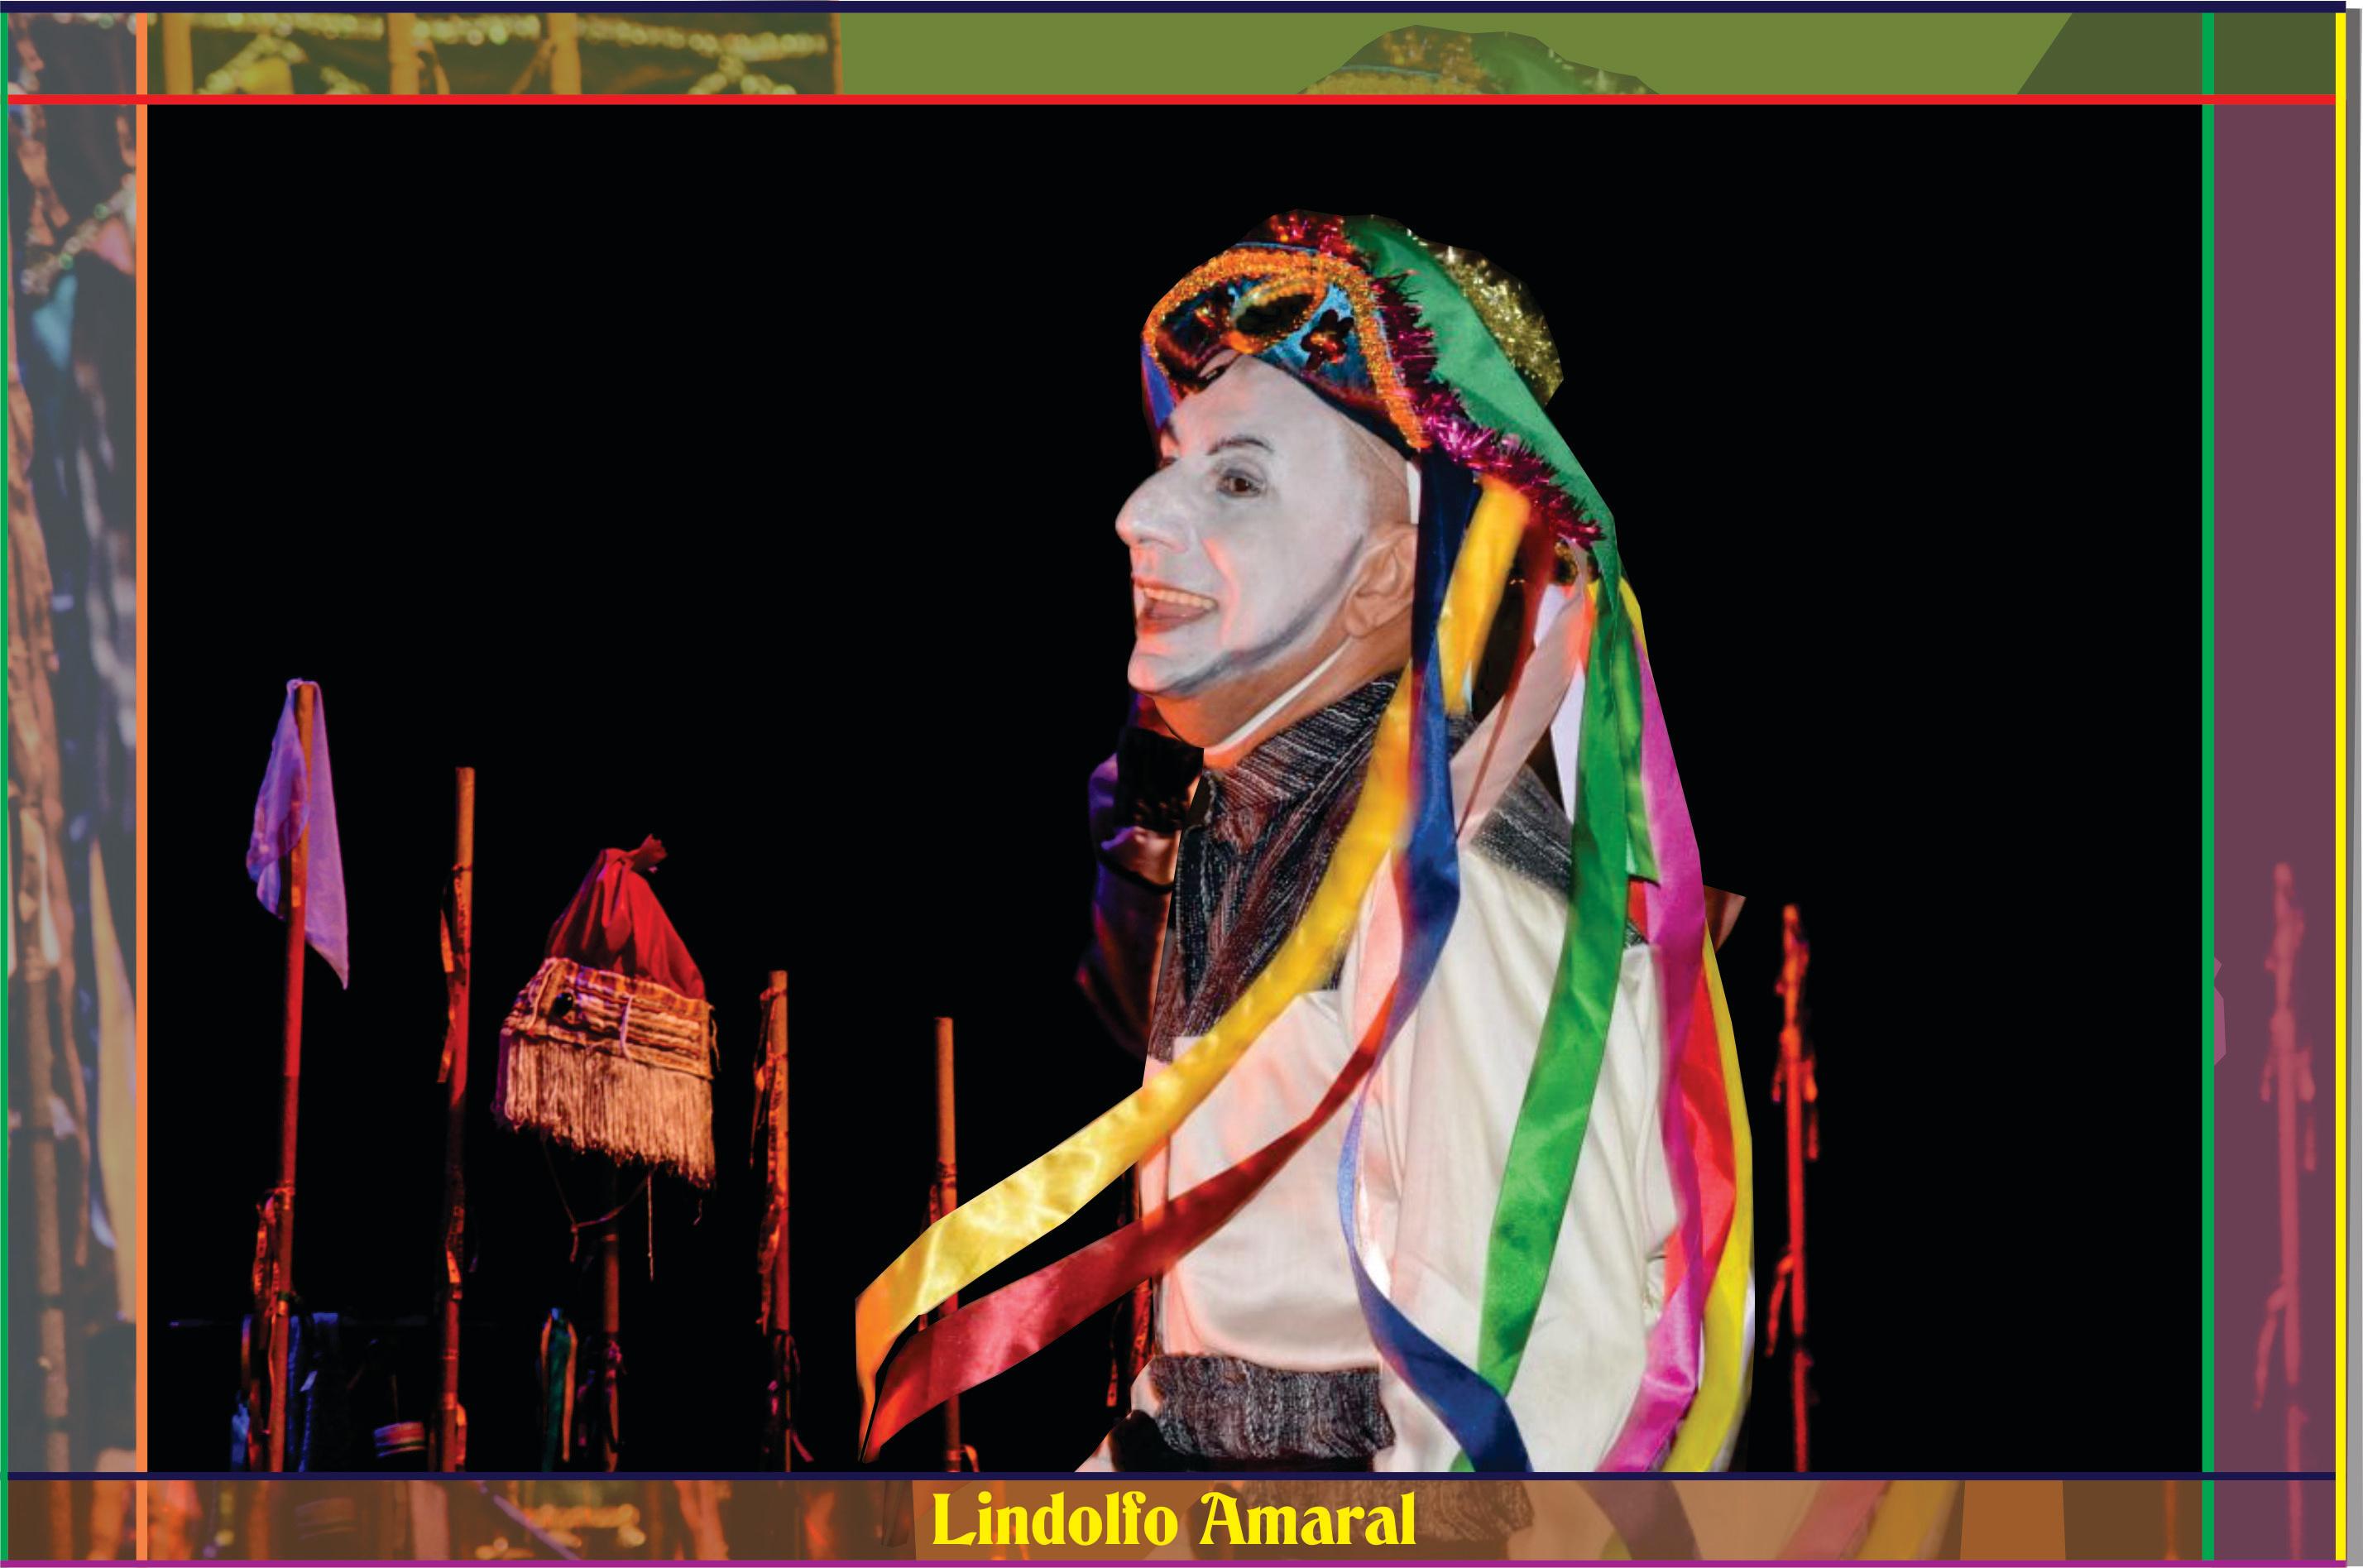 Lindolfo Amaral